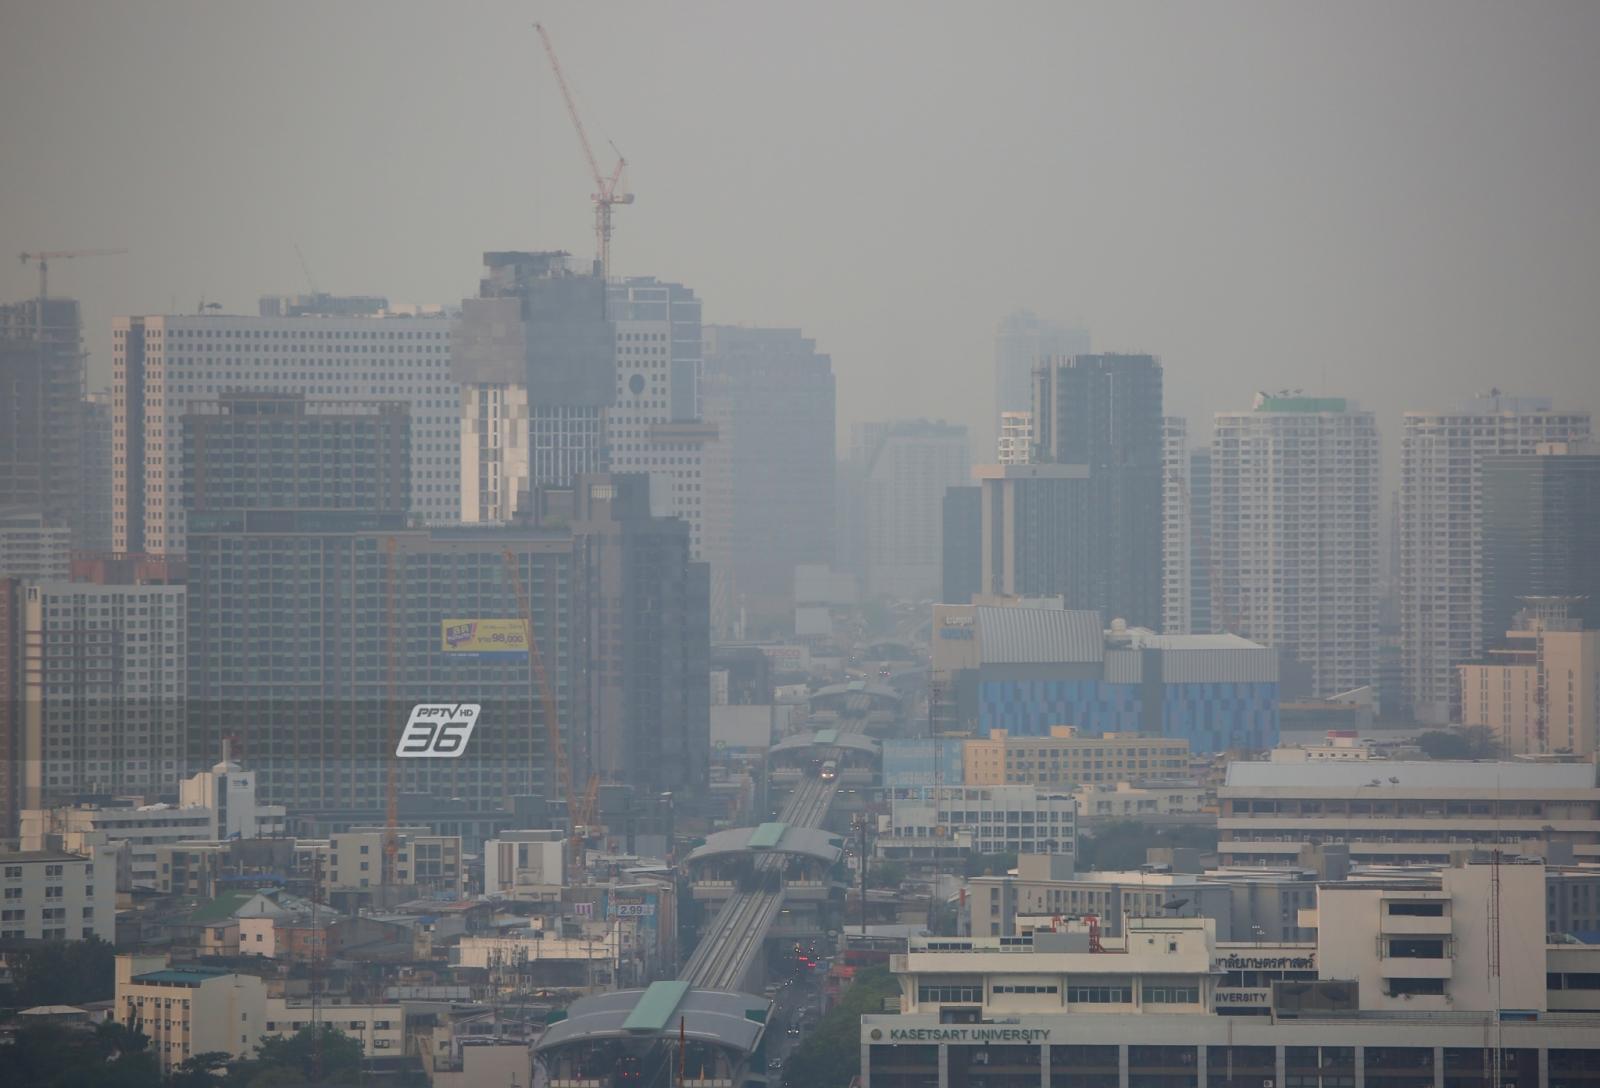 ค่าฝุ่น PM 2.5 อยู่ในระดับปานกลาง